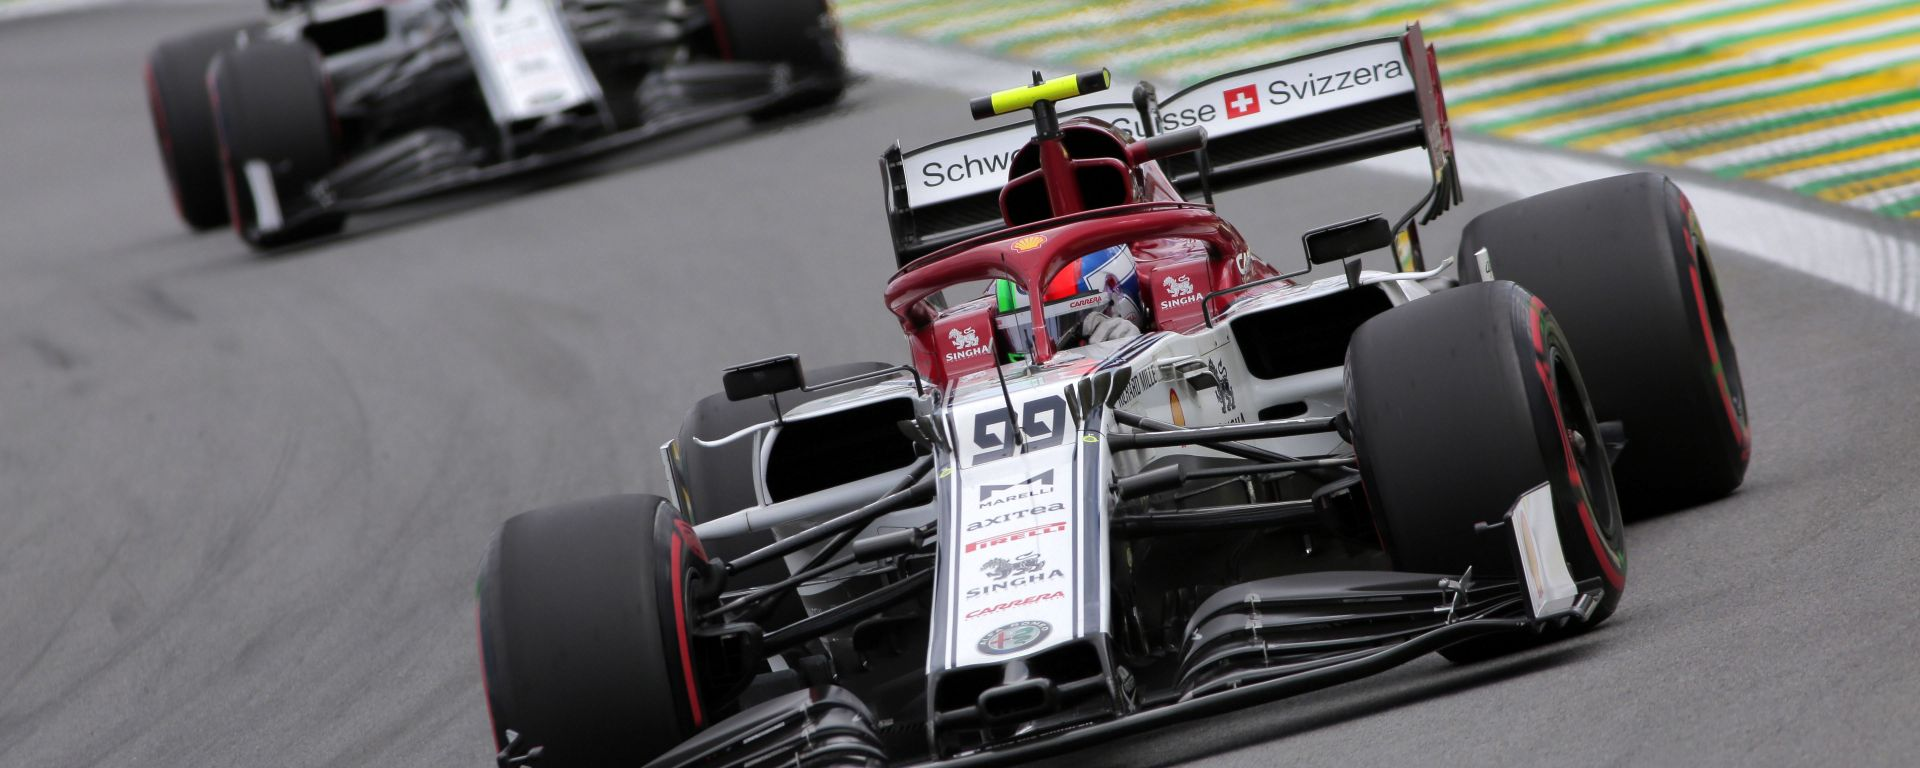 F1, GP Brasile 2019: Antonio Giovinazzi e Kimi Raikkonen (Alfa Romeo) impegnati sul circuito di Interlagos